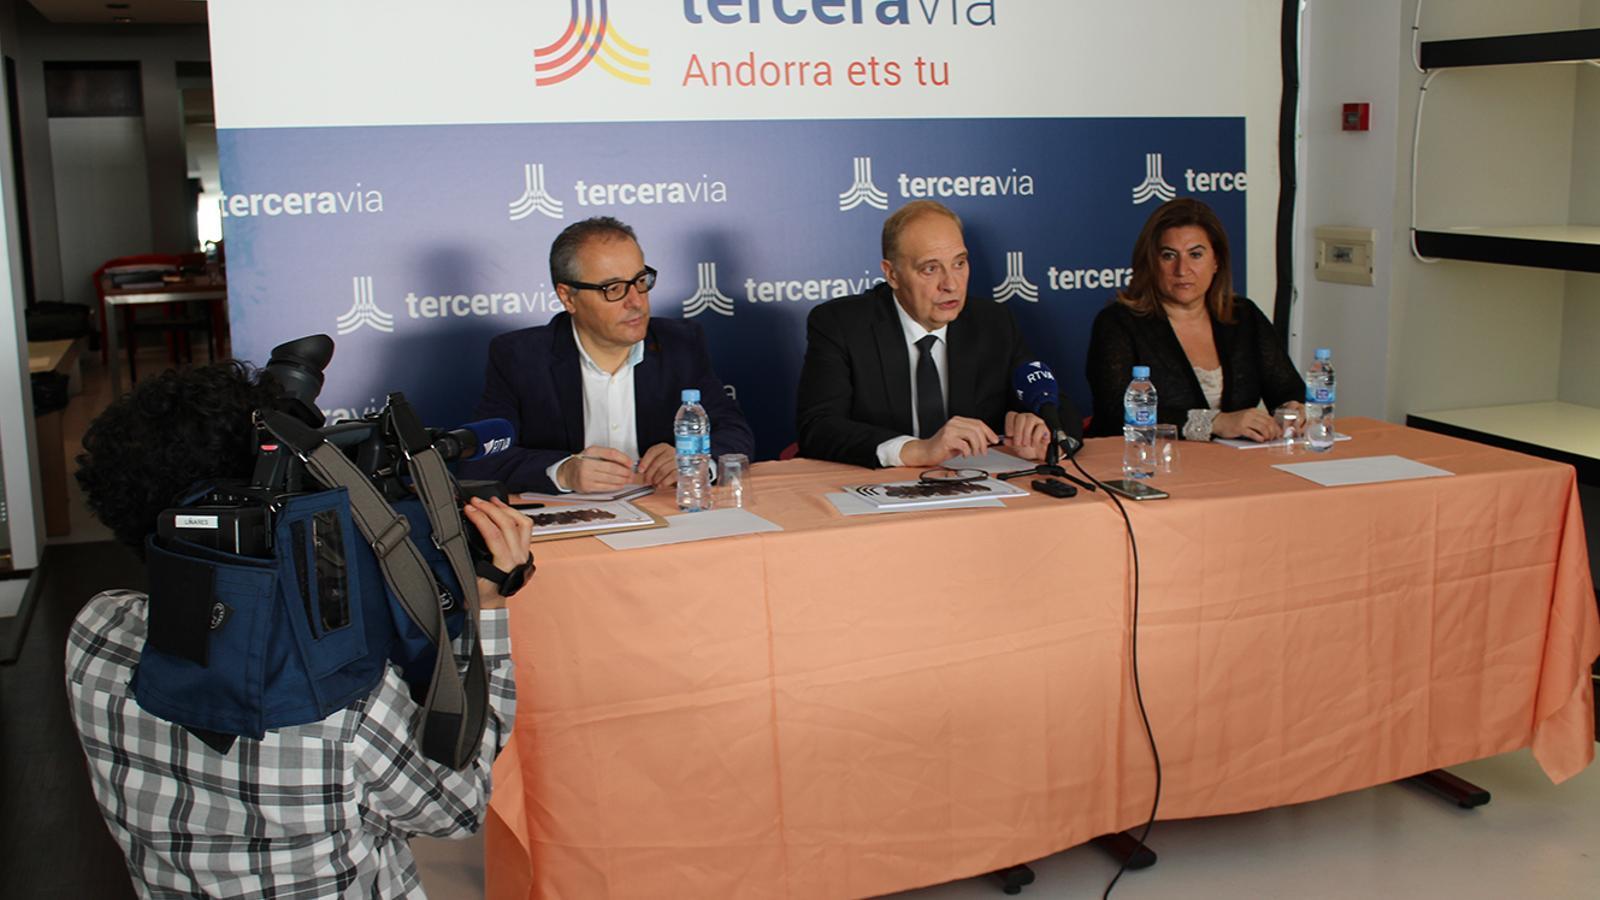 Joan Carles Camp, Josep Pintat i Ruth Vila, els tres primers de la llista nacional de Terceravia durant la roda de premsa d'aquest divencres. / TERCERAVIA